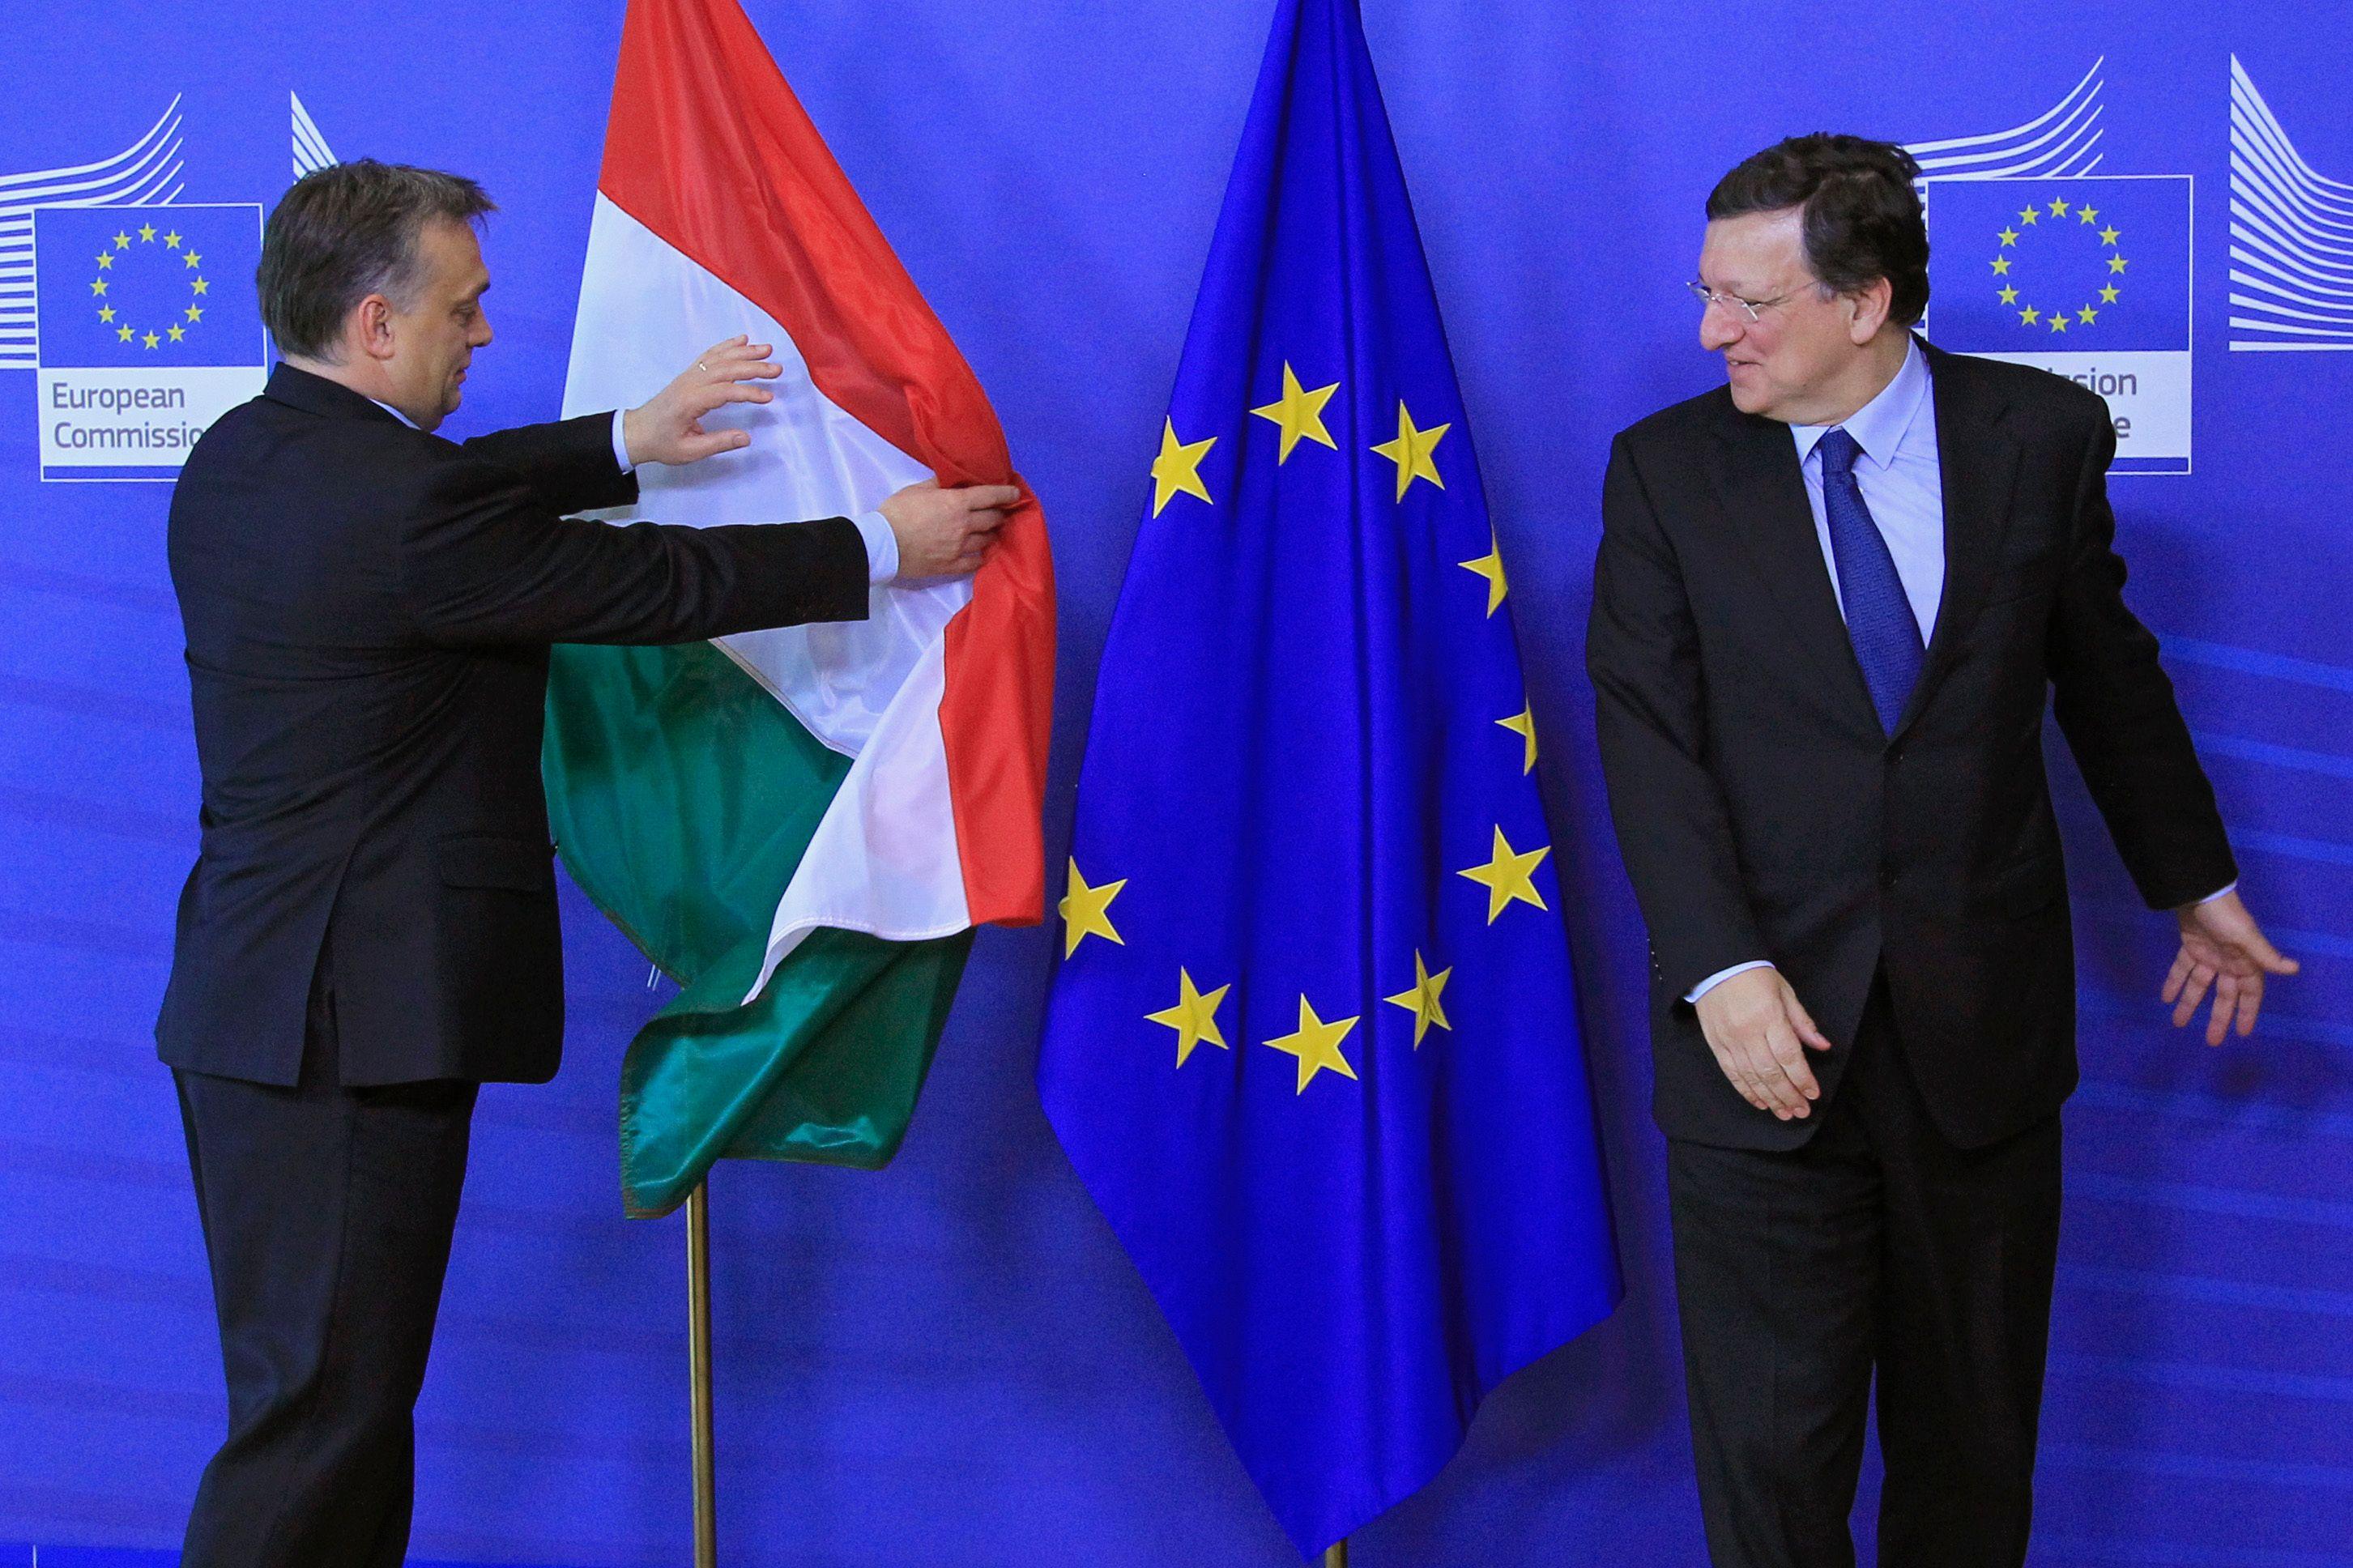 Tour d'Europe des campagnes pour les Européennes : direction la Hongrie